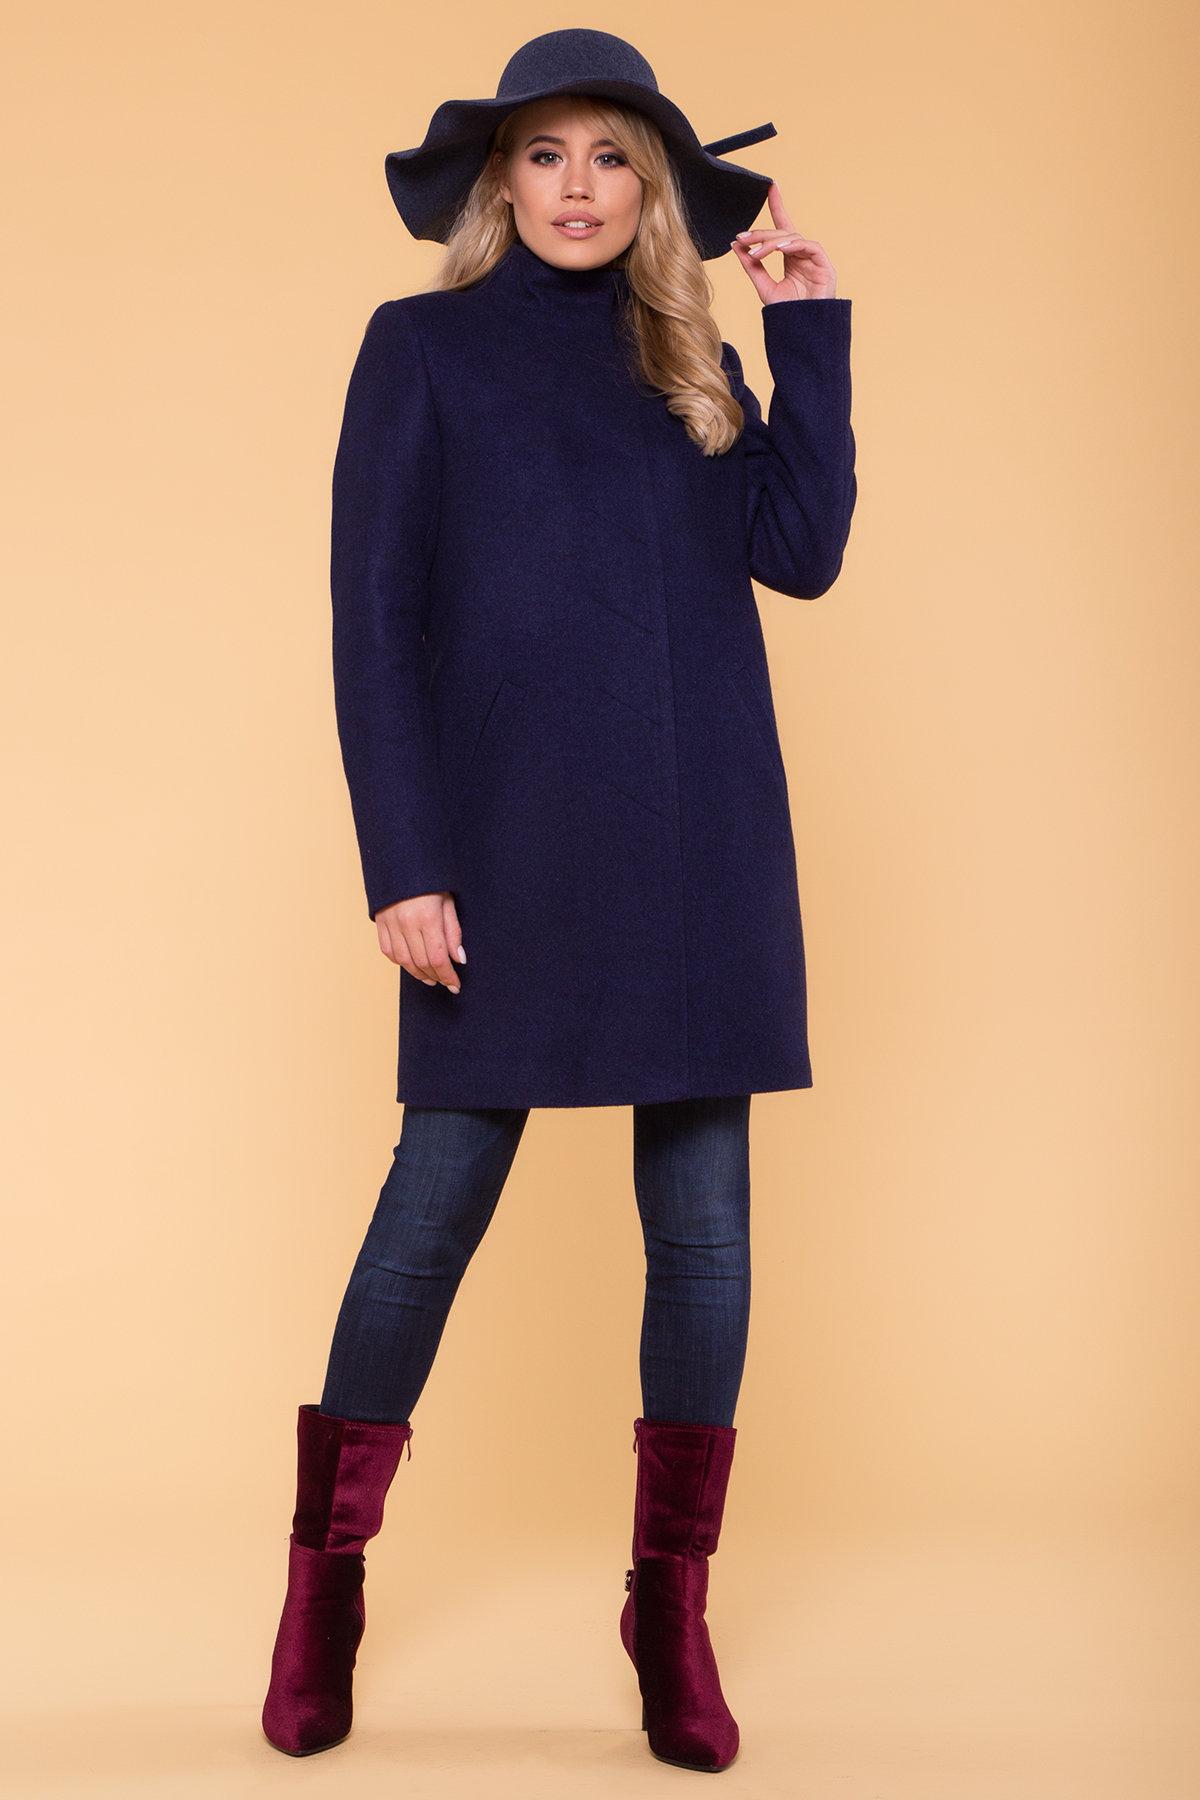 Зимнее пальто с хомутом Фортуна лайт 5802 АРТ. 40536 Цвет: Т.синий 17 - фото 4, интернет магазин tm-modus.ru